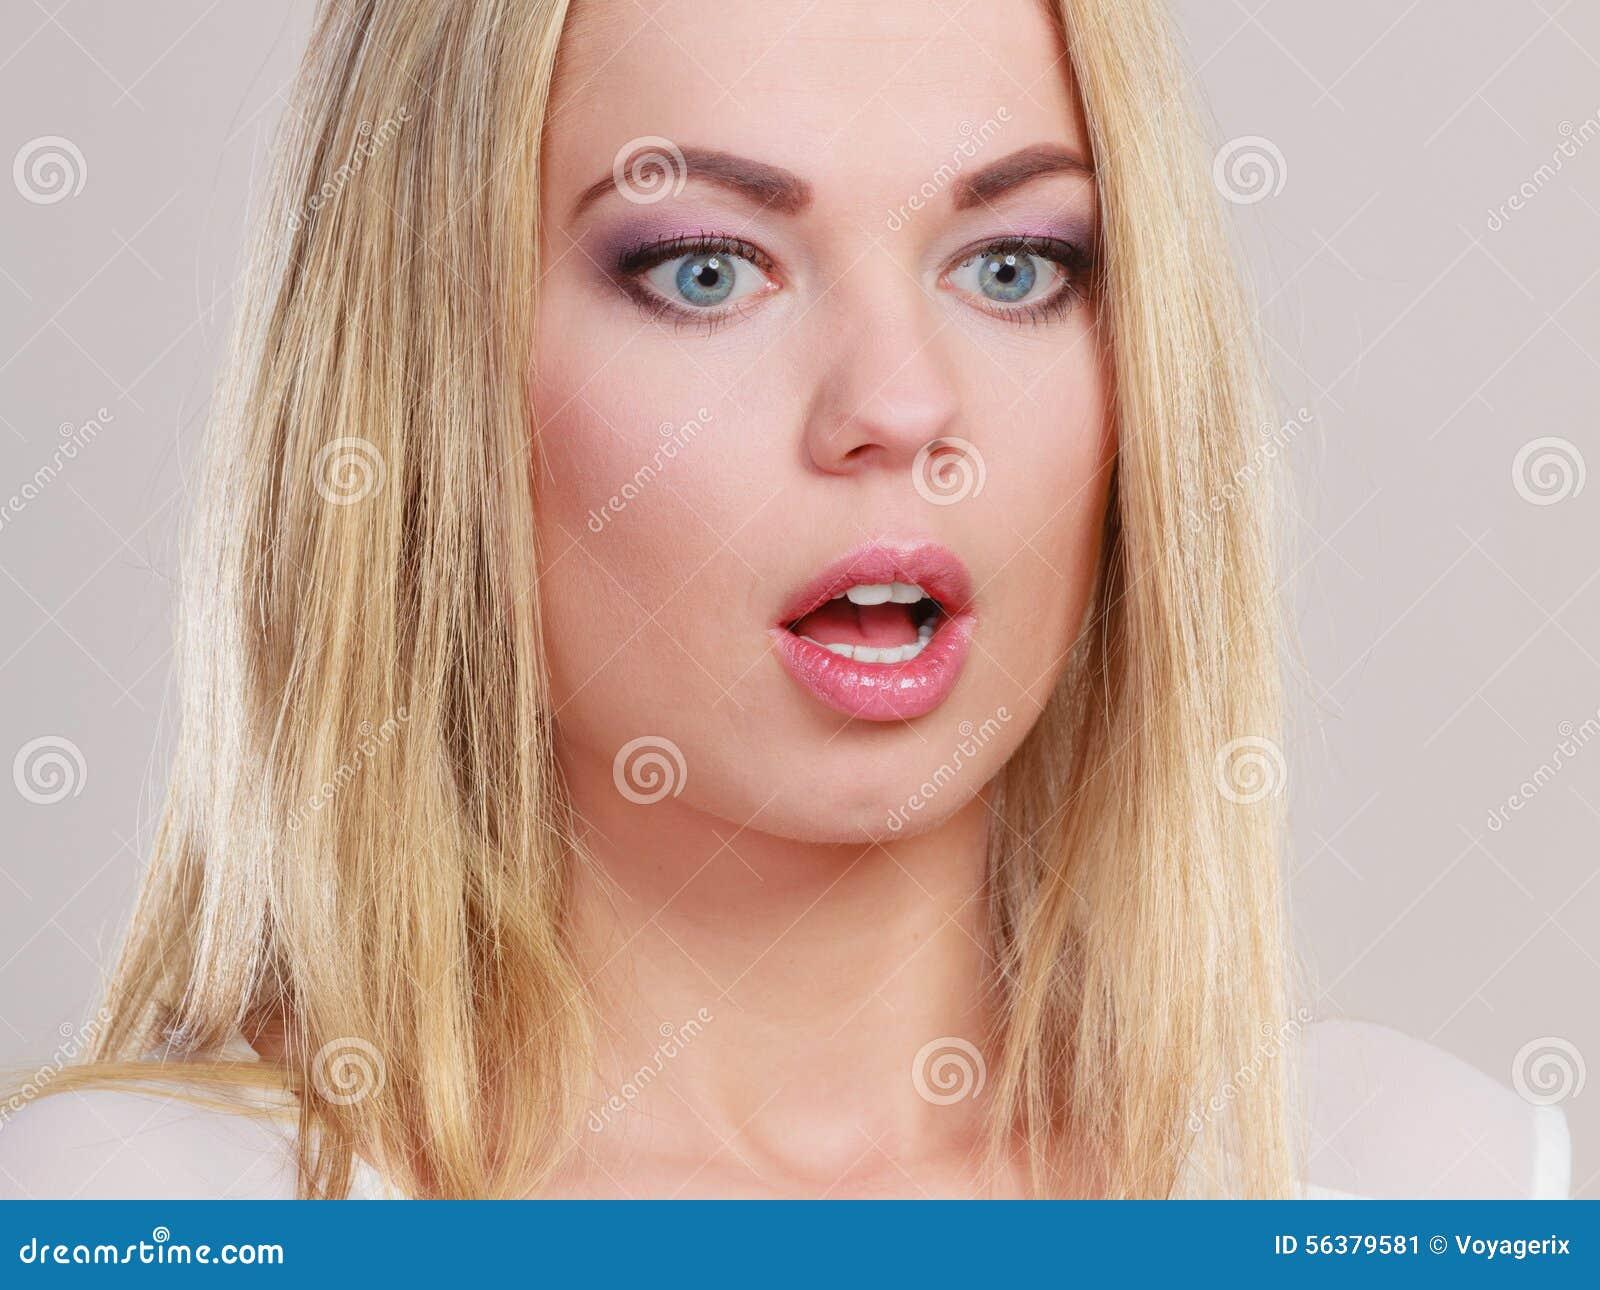 Открытые рты девушек фото